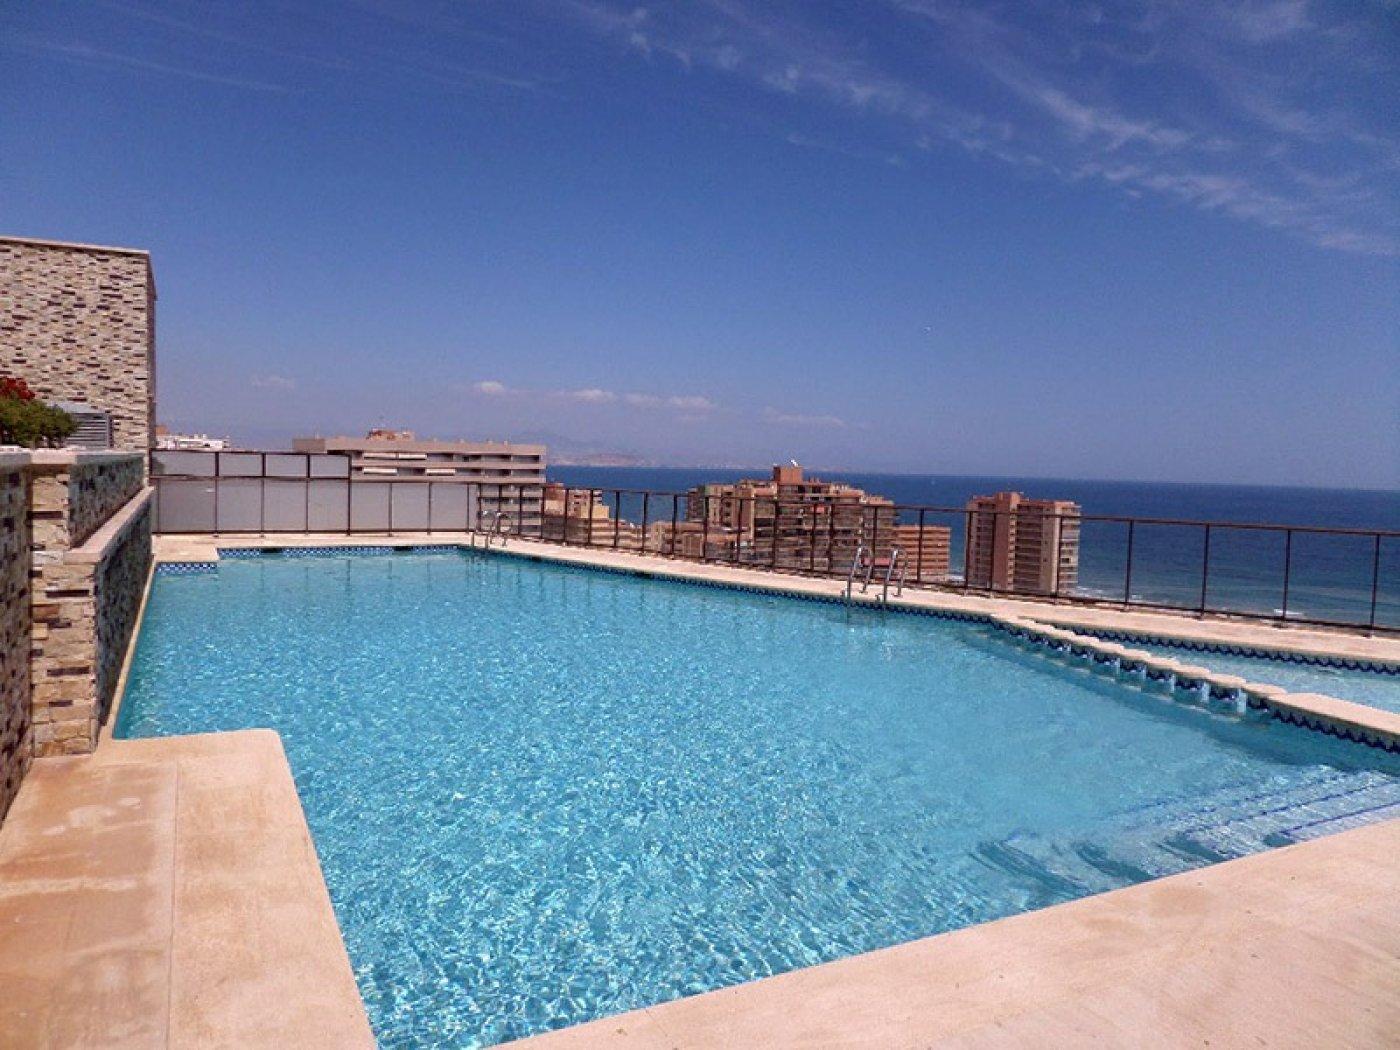 Lloguer Casa  Calle valladolid. Bonito bungalow dúplex frente al mar con unas impresionantes vis